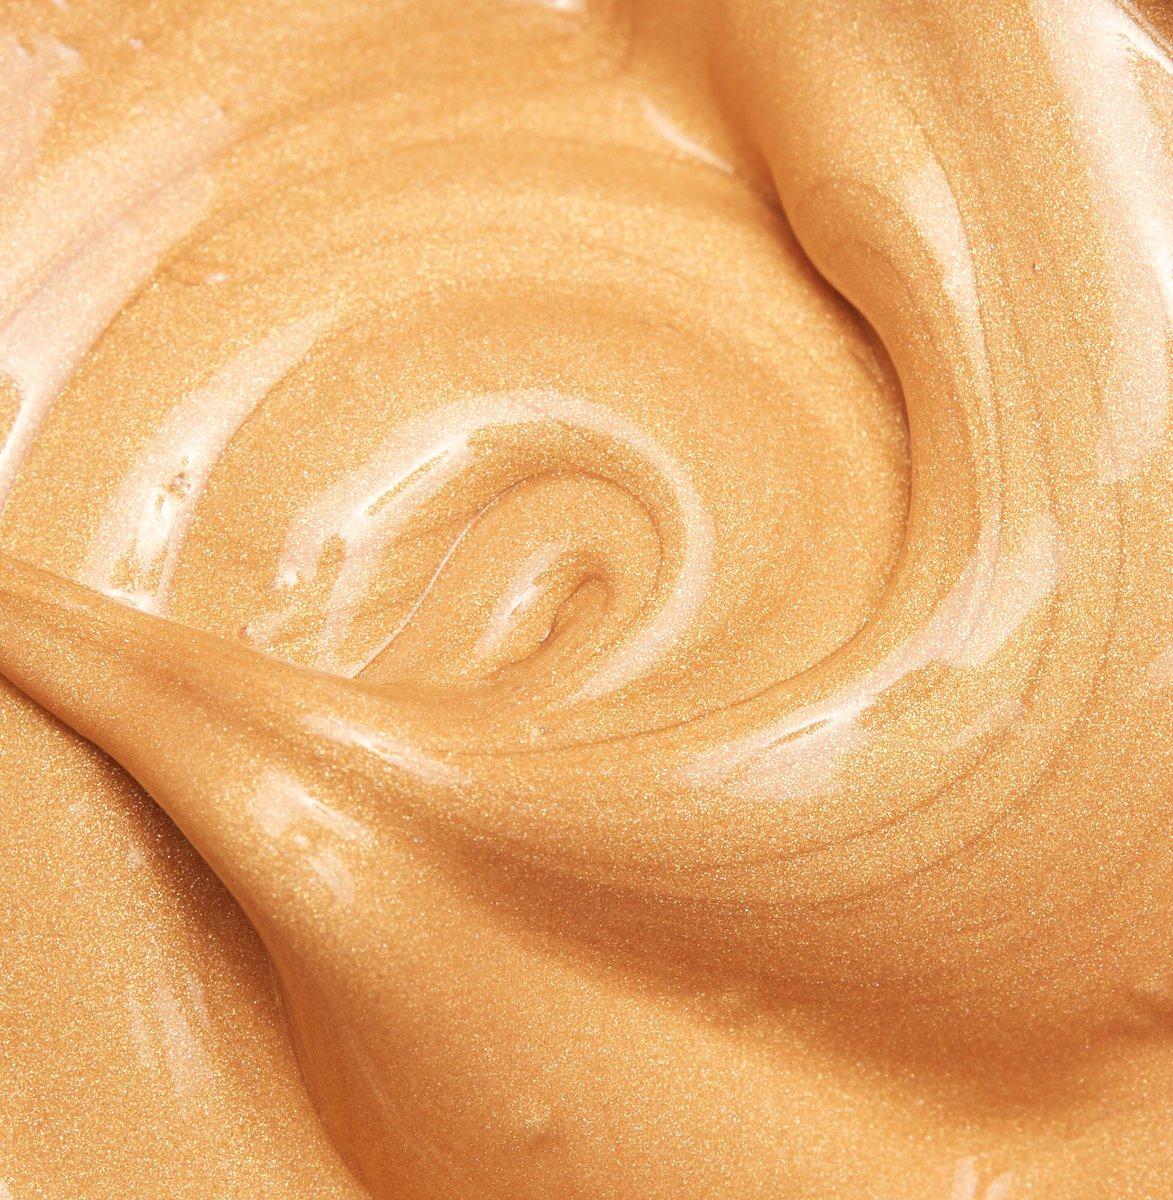 My @kkwbeauty Body Shimmer in Gold is sold out!!! #kkwbeauty https://t.co/zO5WcIrjEm